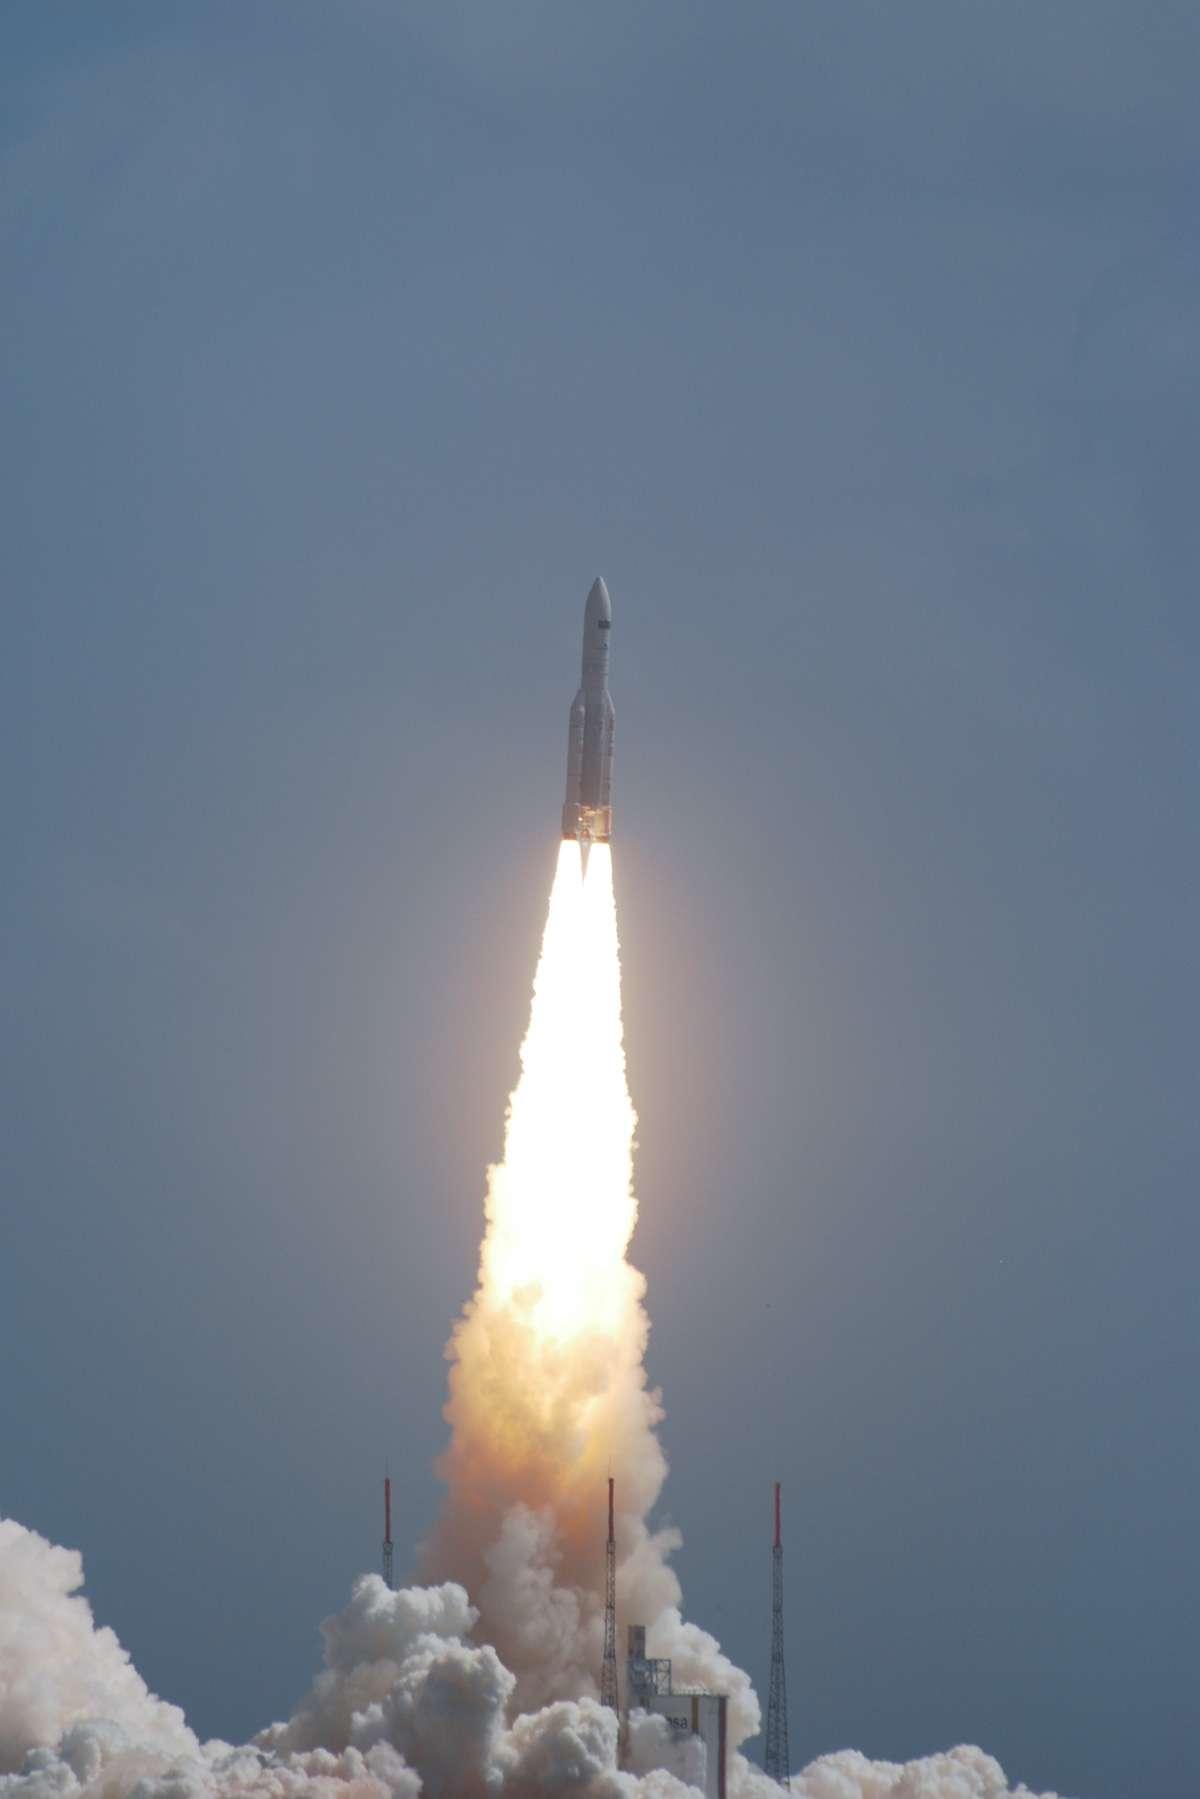 La fiabilité opérationnelle d'Arianespace rend le lanceur européen incontournable sur le marché du lancement de satellites ouverts à la concurrence. © Rémy Decourt